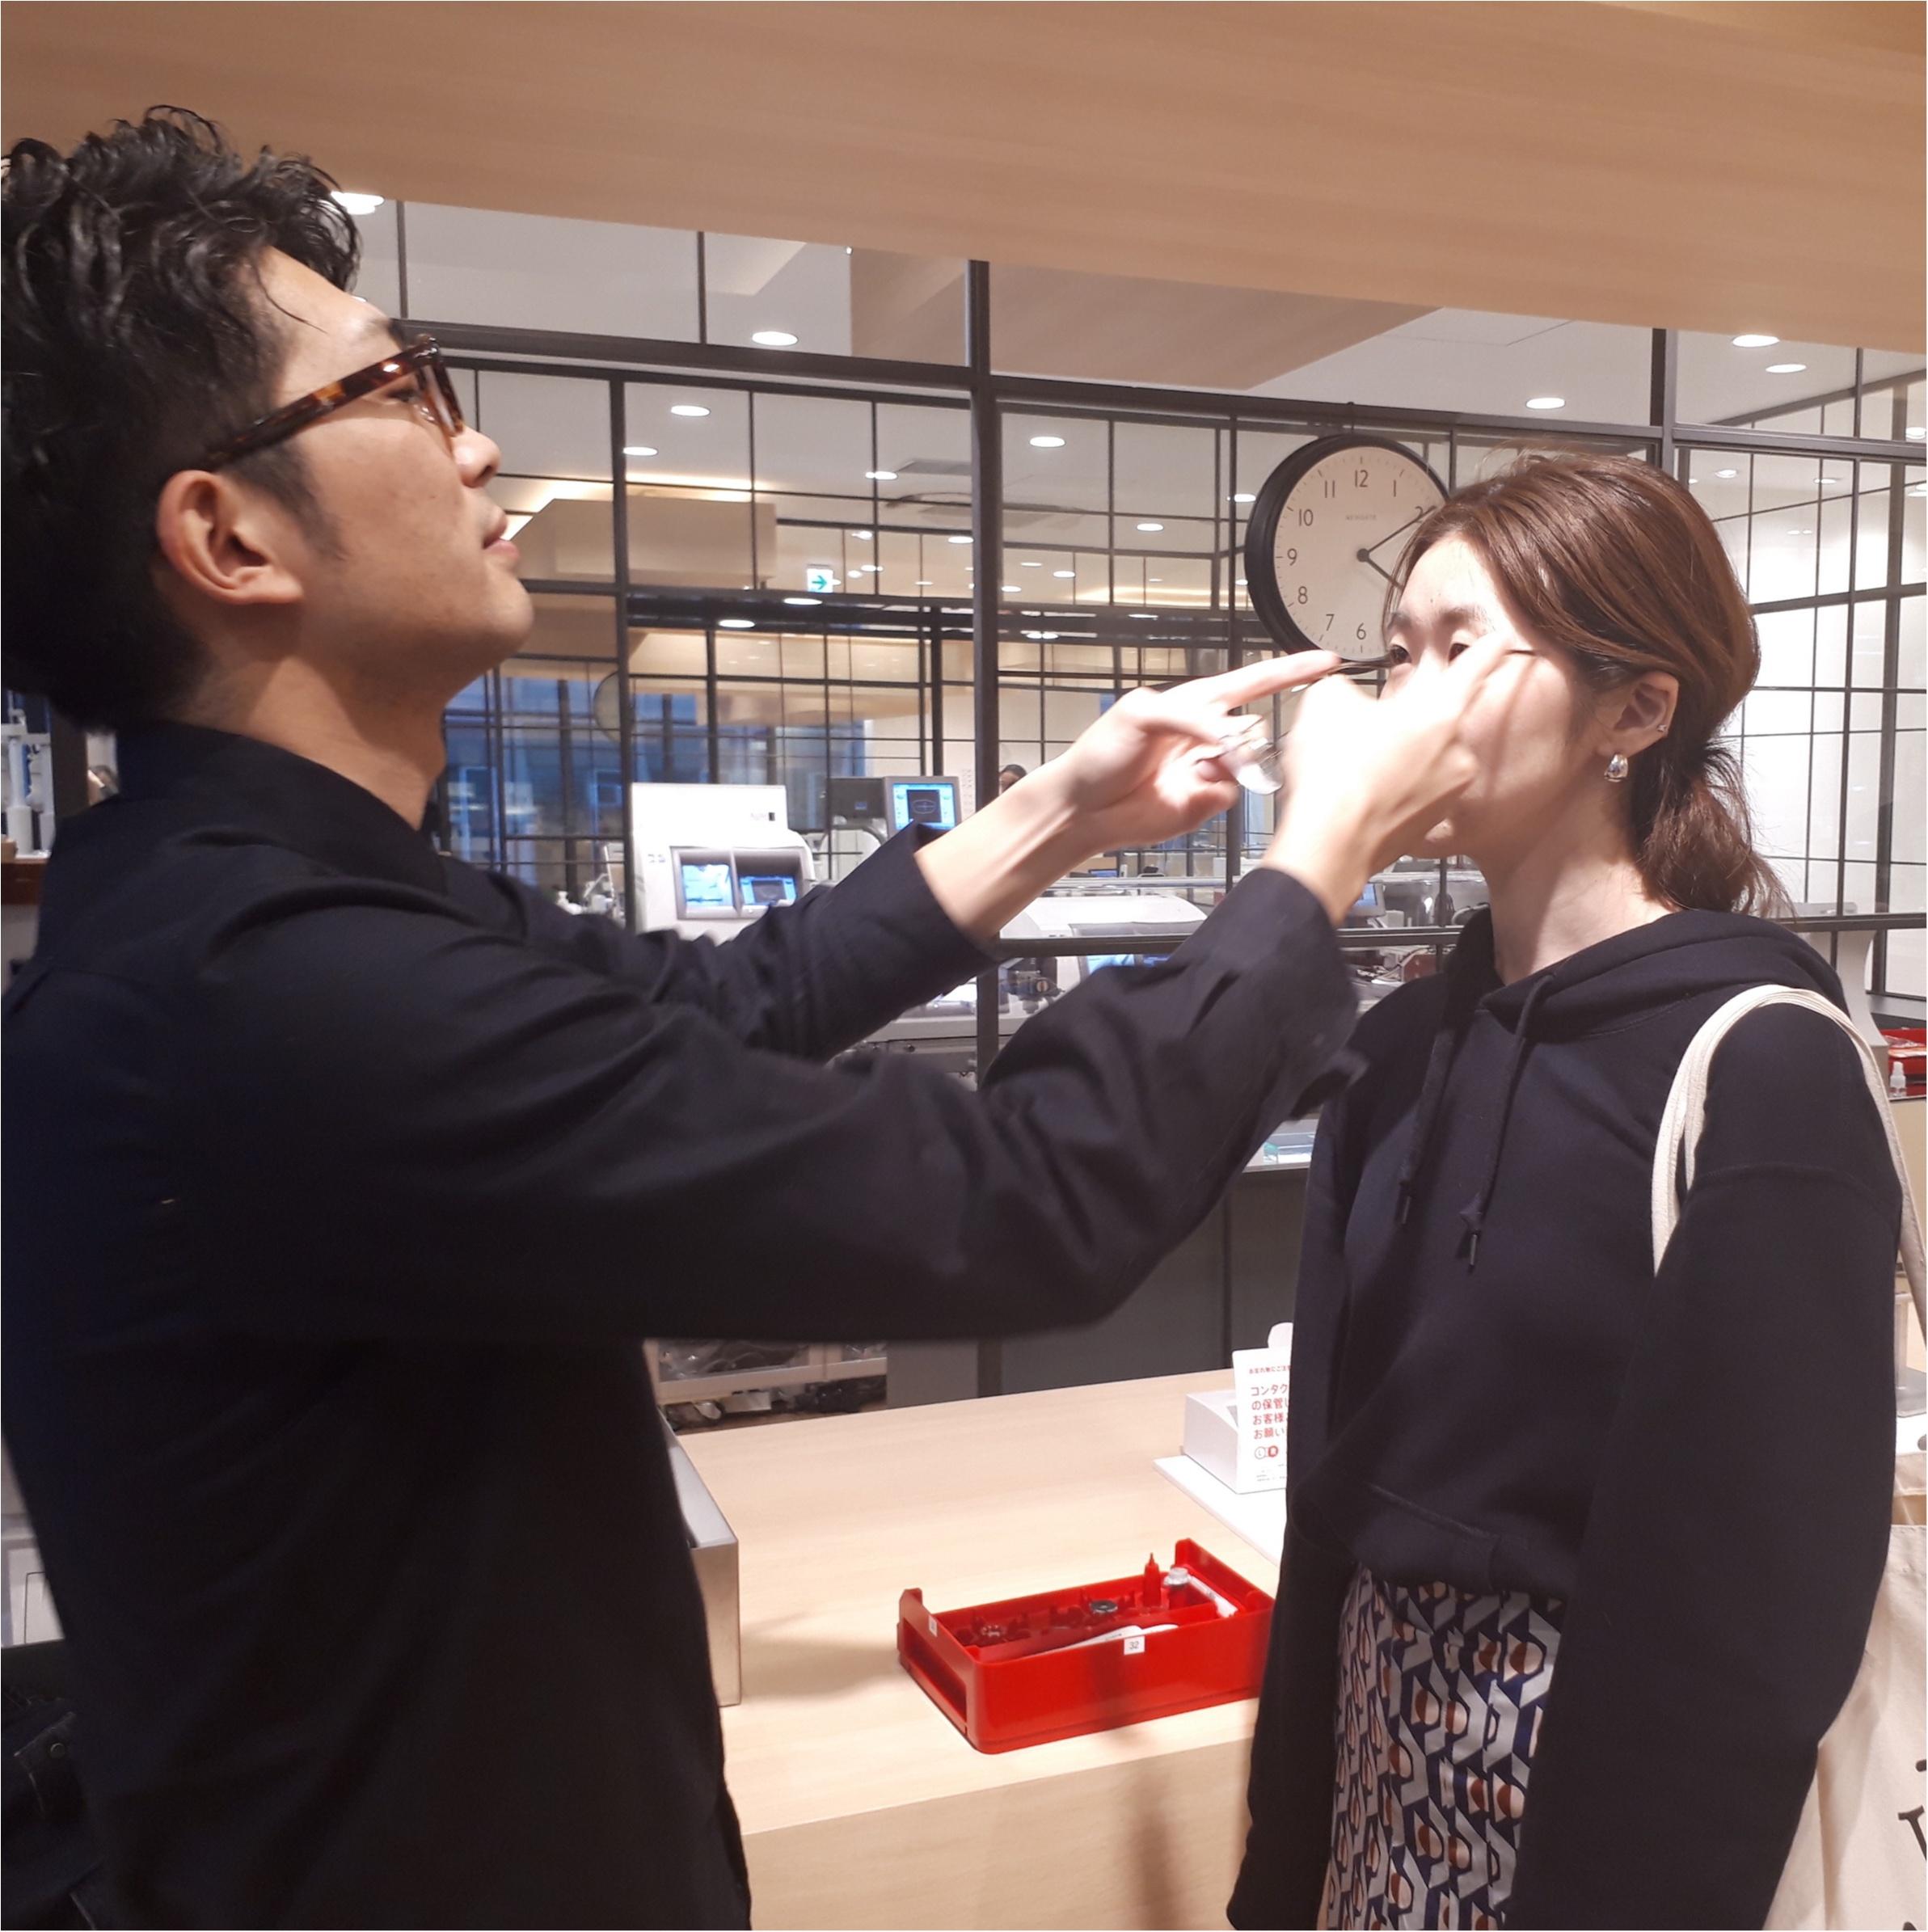 ライターみかりんが『JINS』でガチのメガネ選び! 自分にいちばん似合うメガネに出合った♡_3_5